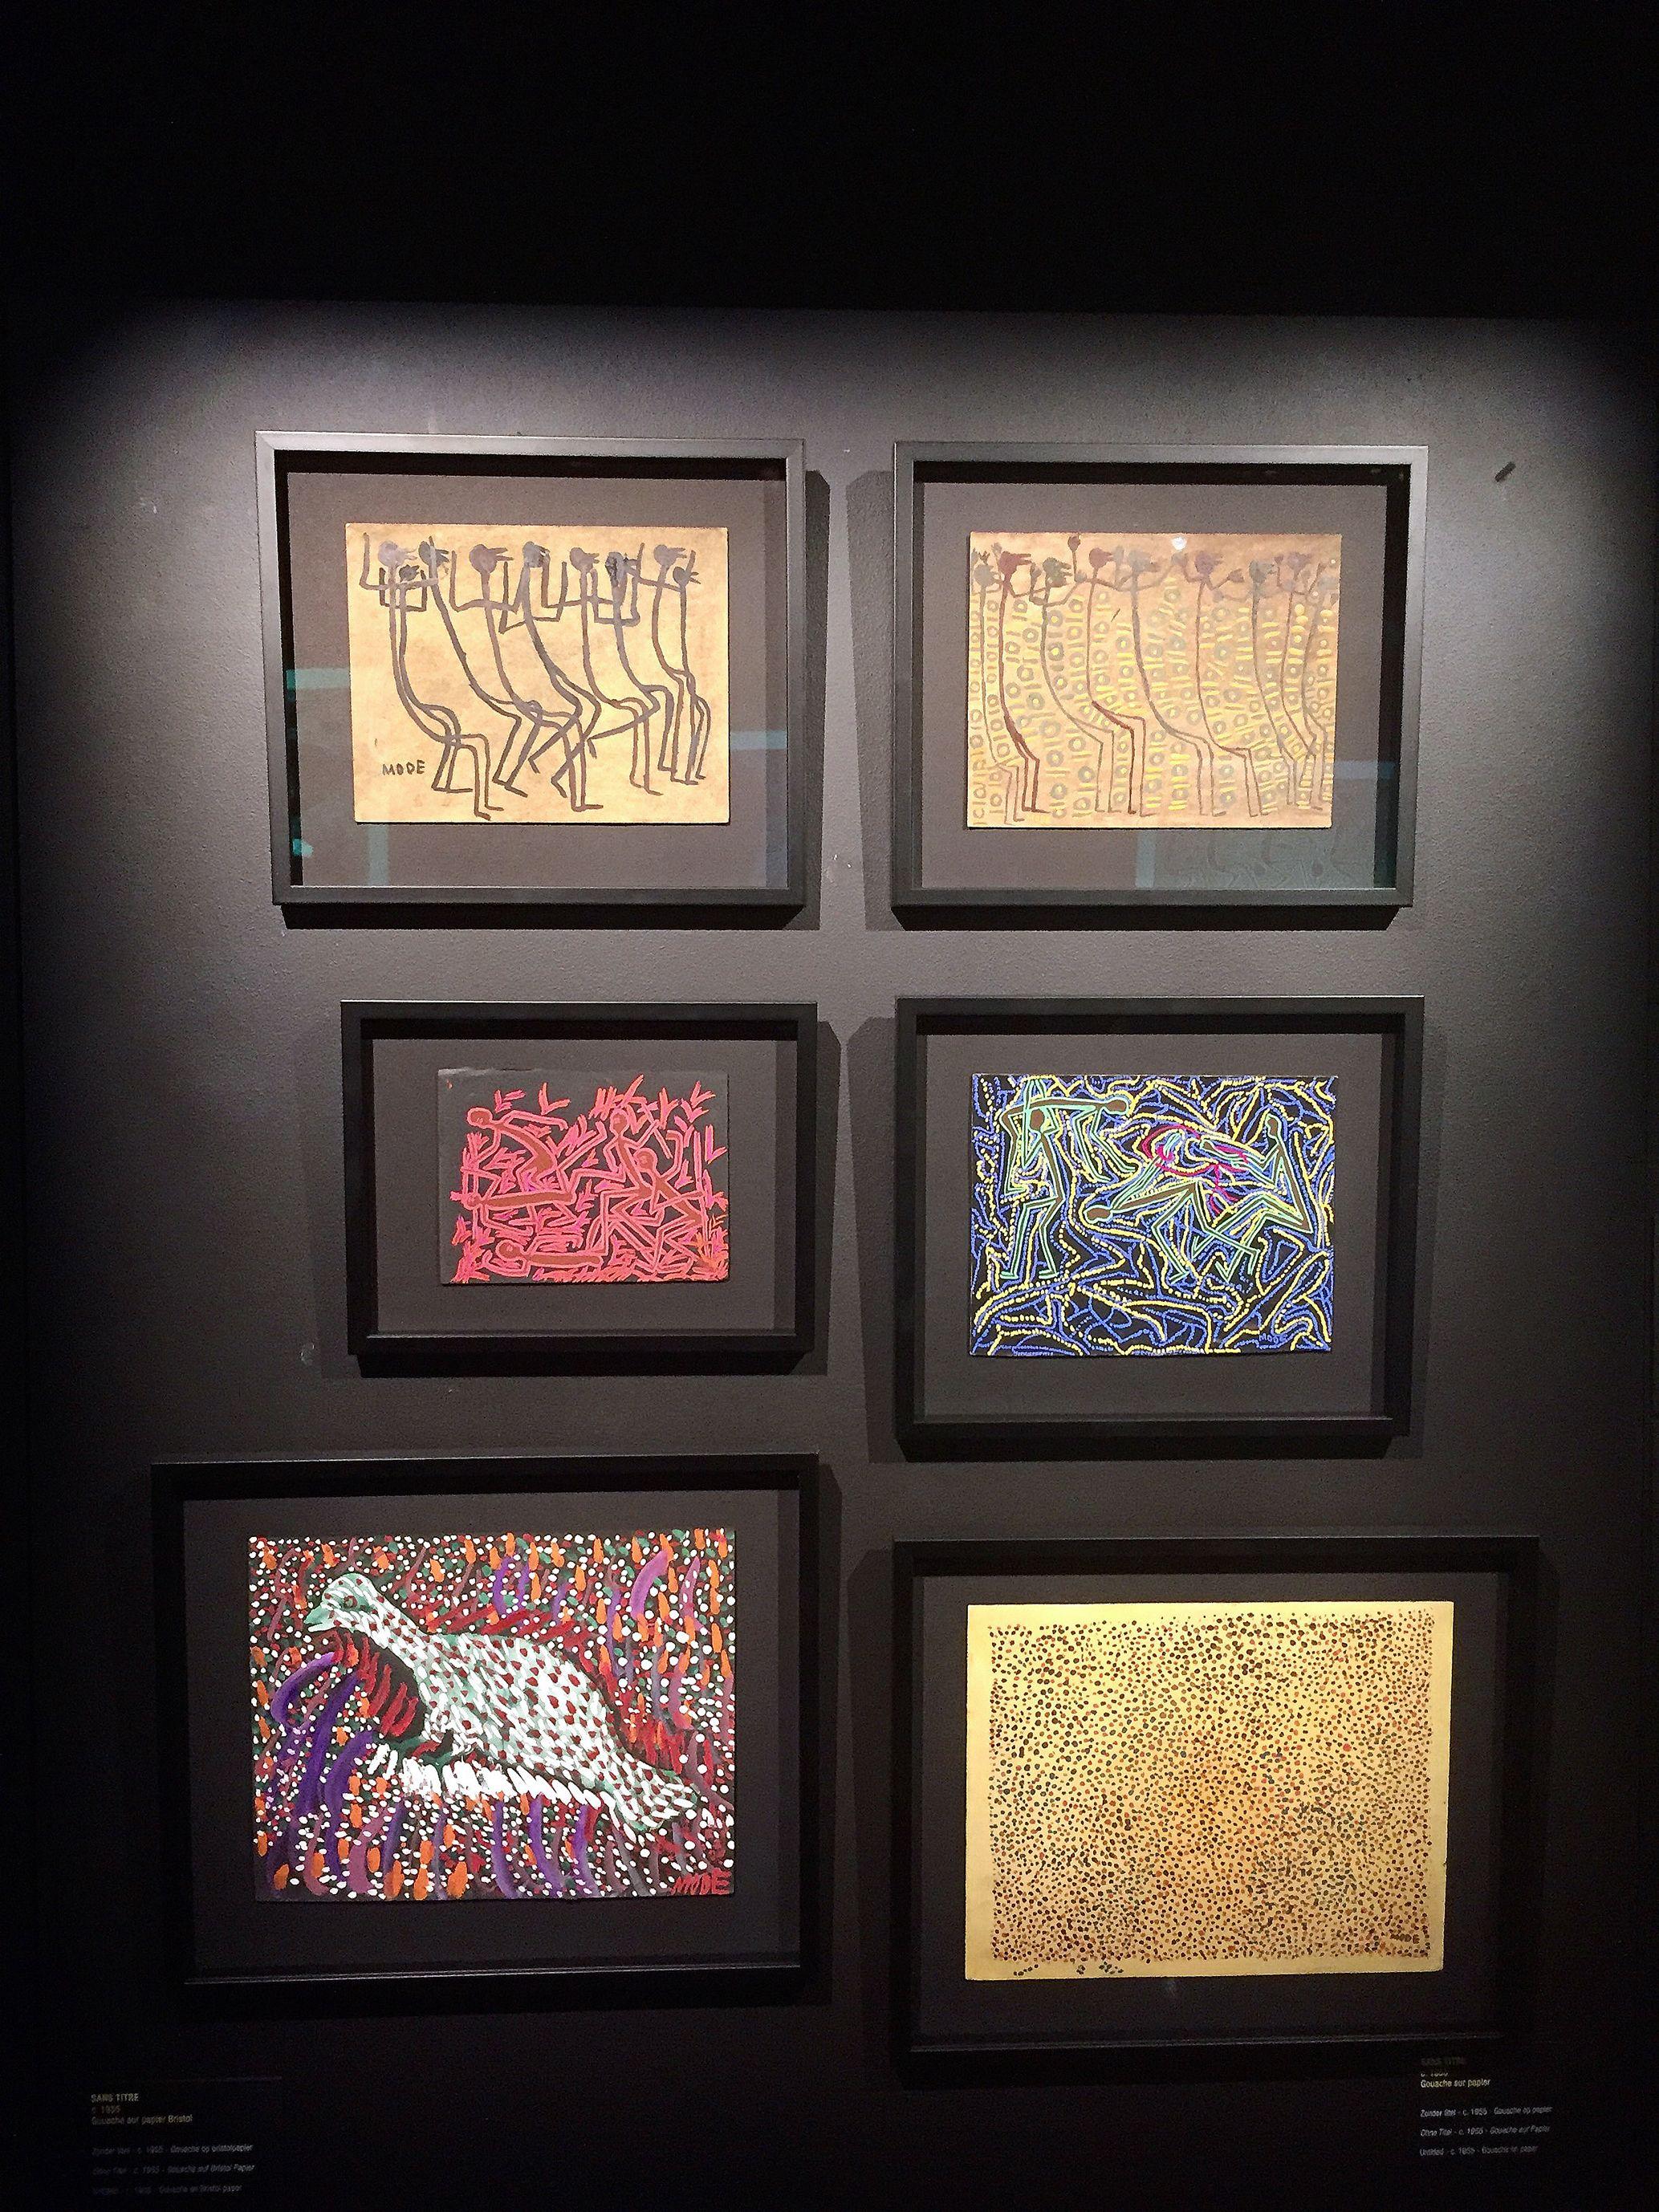 Vue de l'exposition retrospective Mode Muntu à la Cité Miroir à Liège. Les œuvres remarquables des premières années de l'artiste.